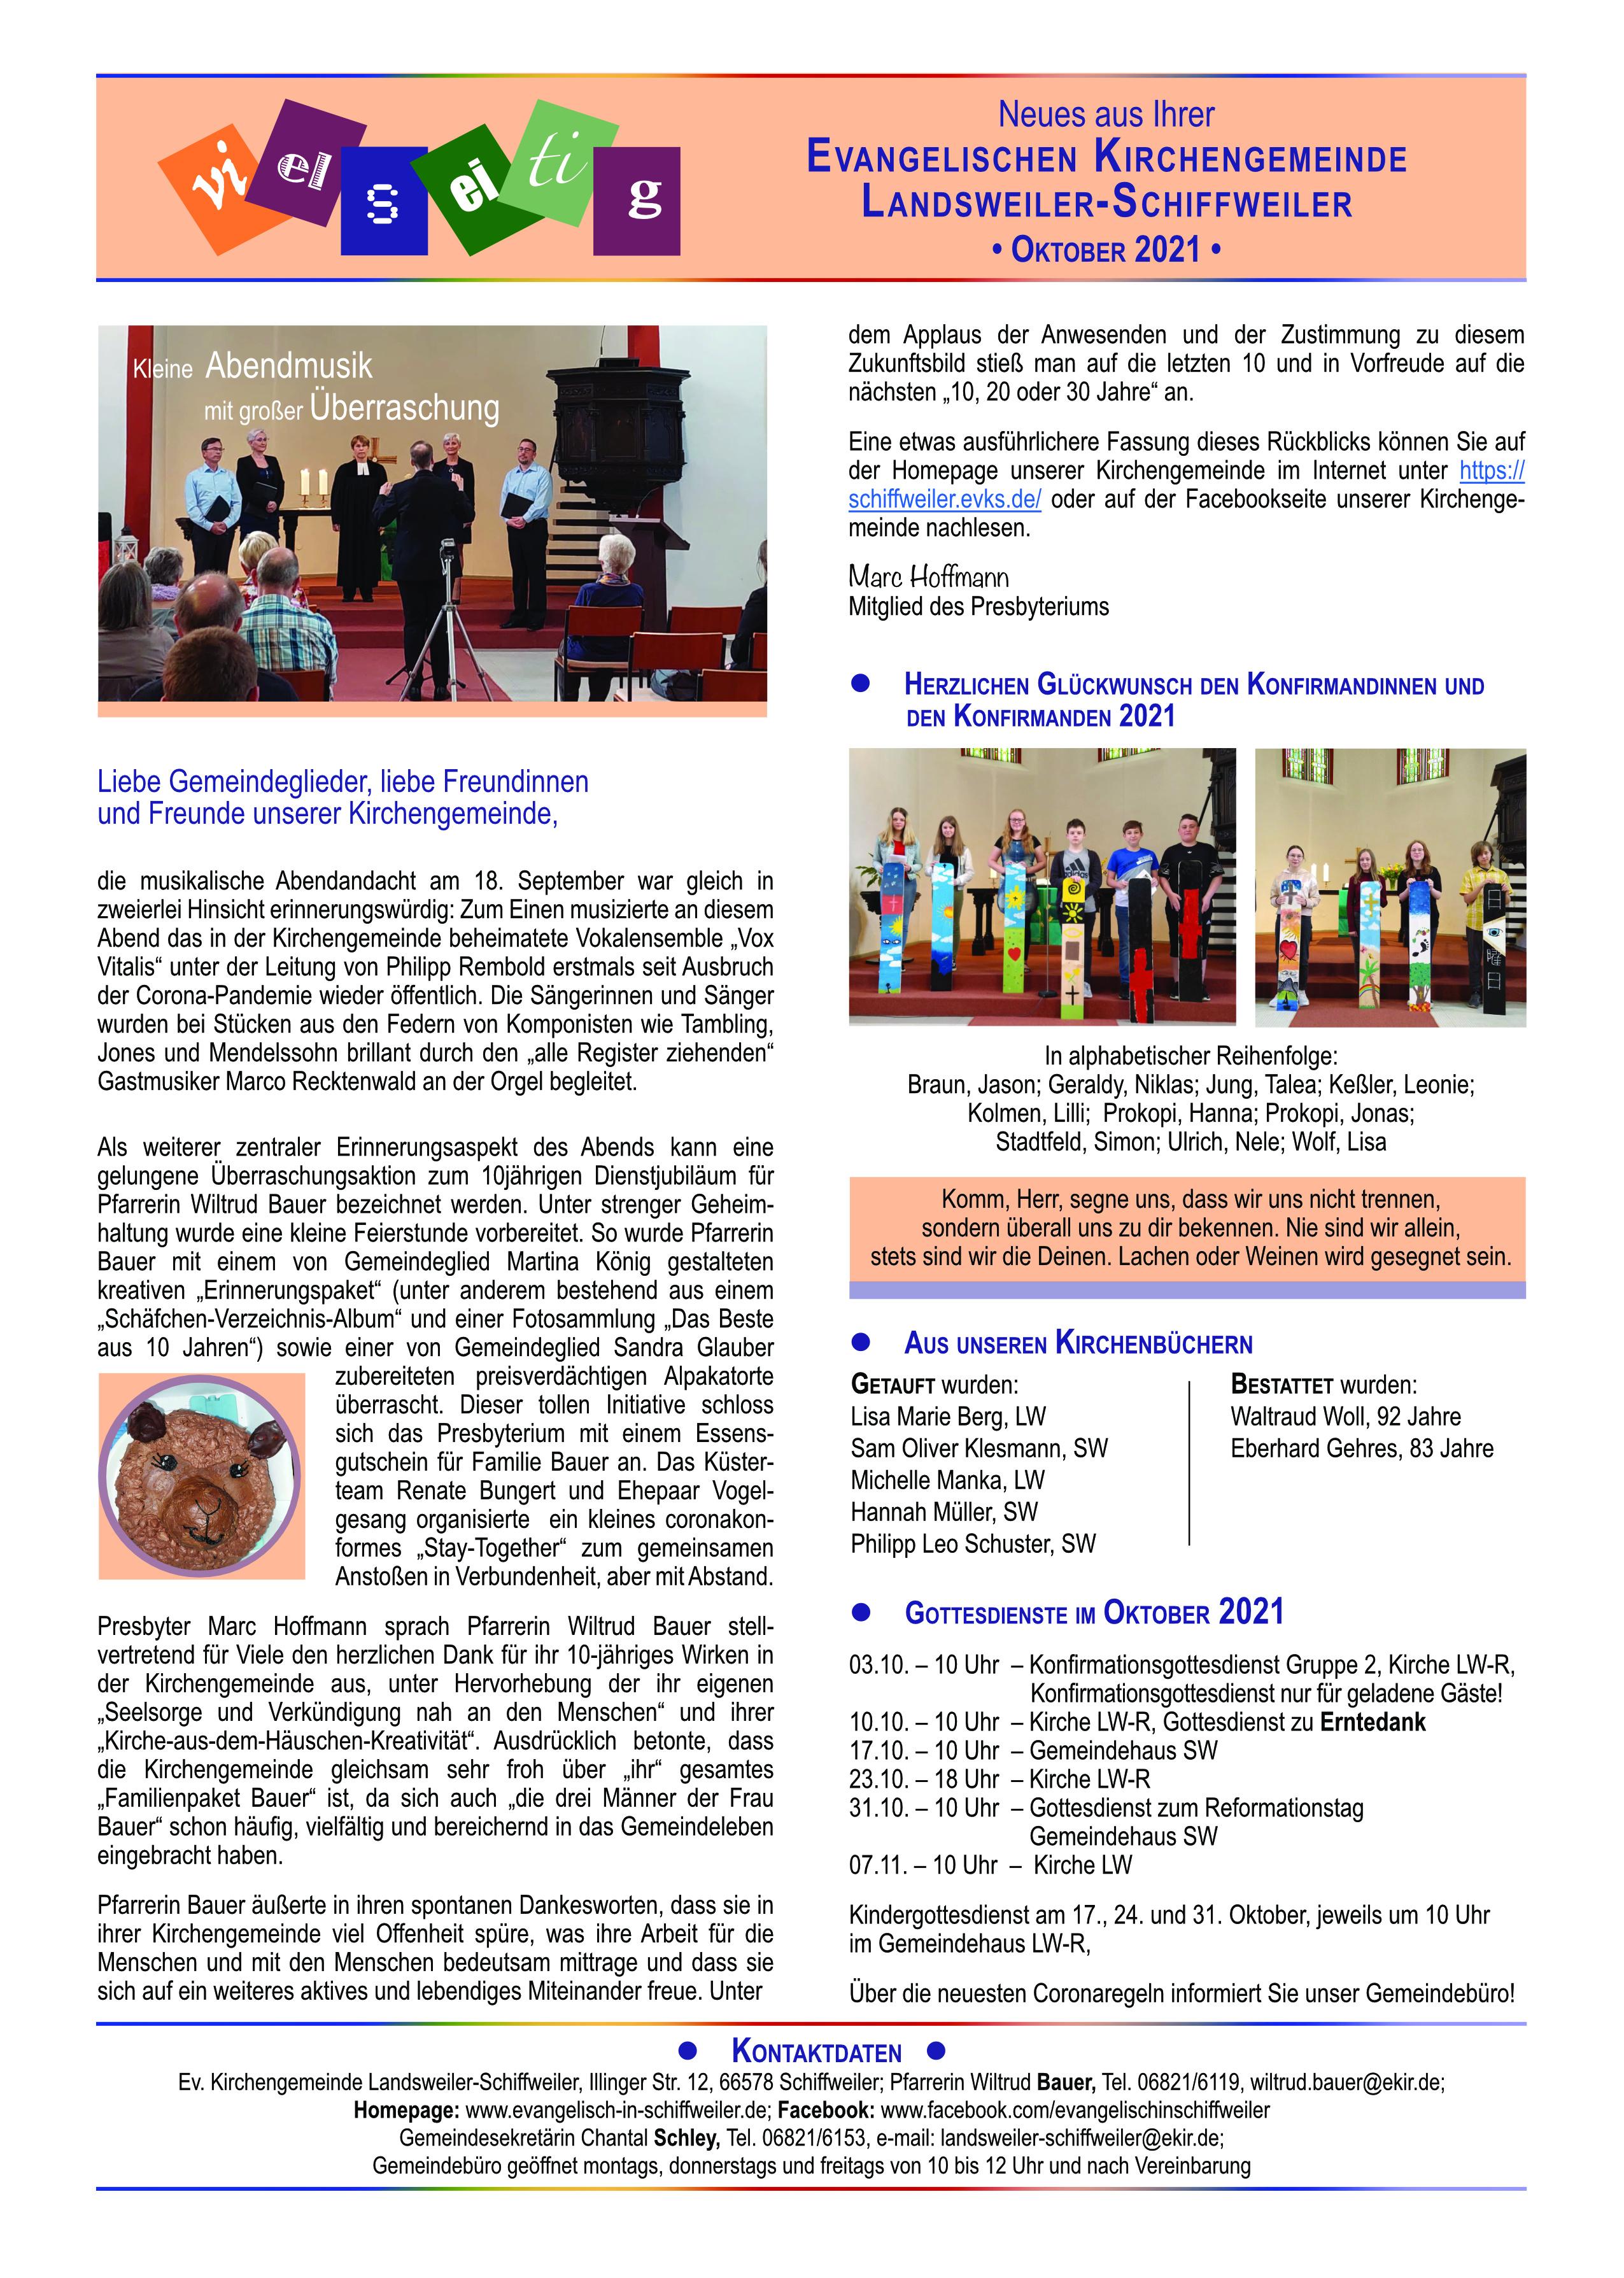 Neues aus der Ev. Kirchengemeinde LW-SW - Oktober 2021